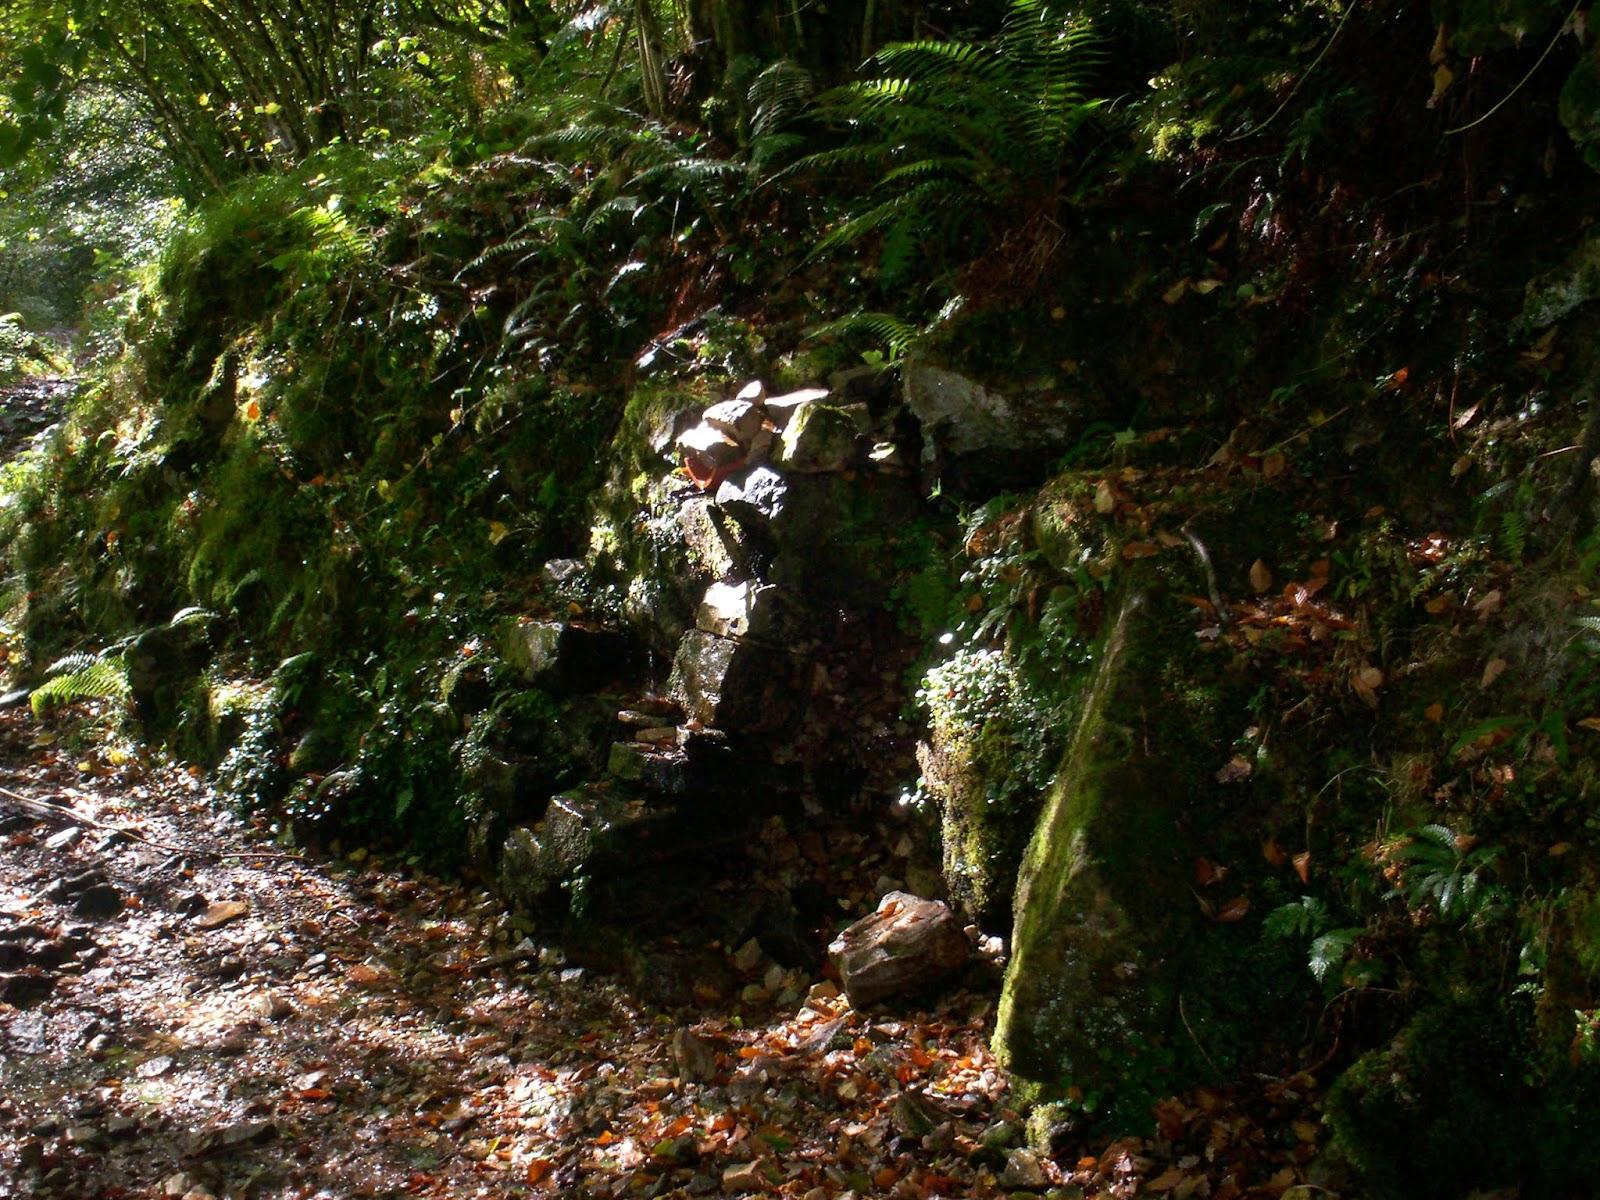 Fuente en el Desfiladero de los Arrudos en el Parque Natural de Redes.